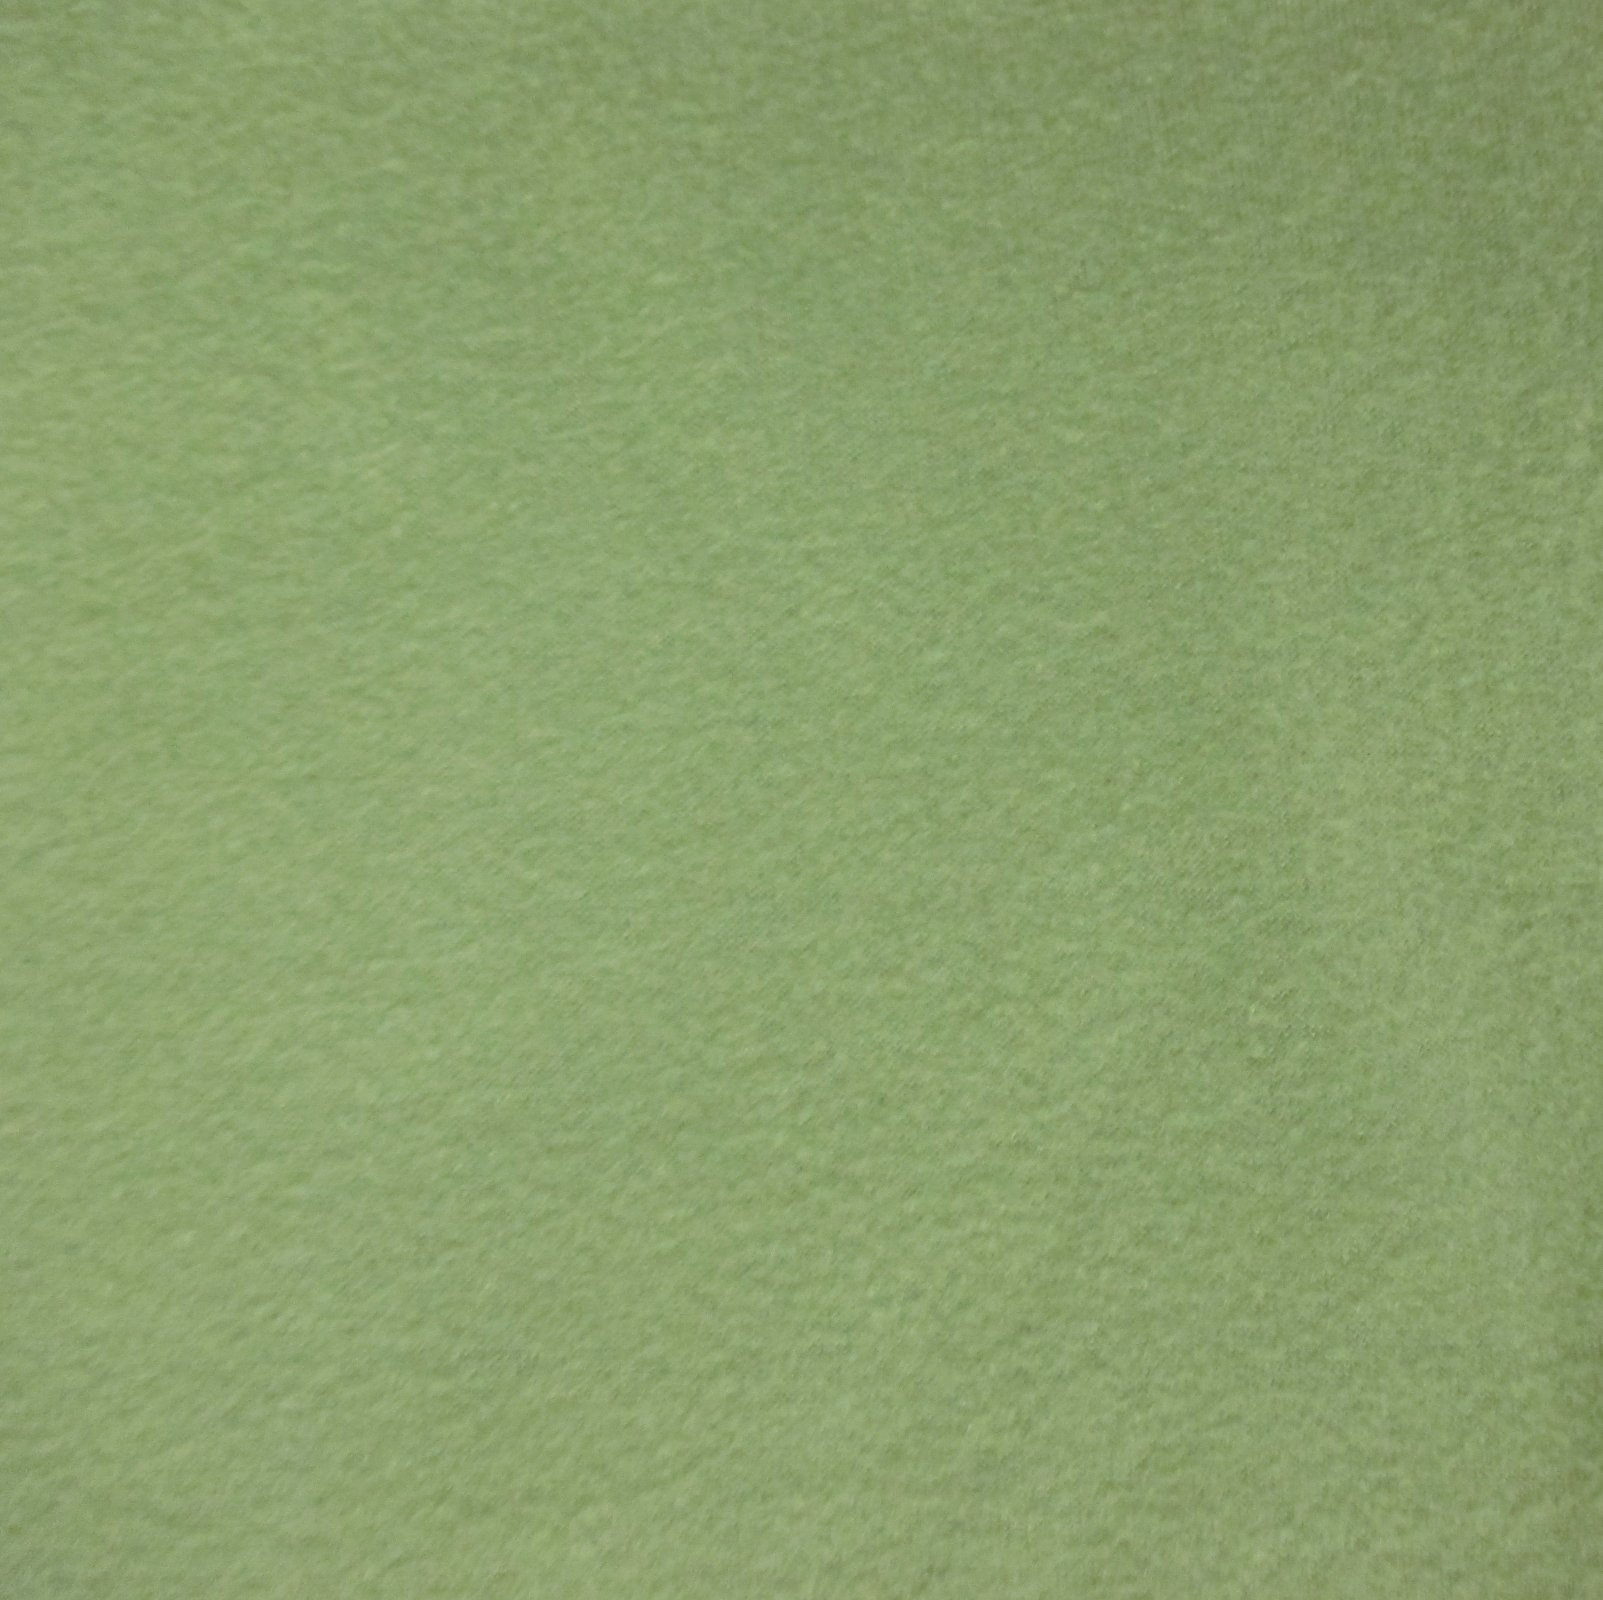 Solid Fern Green Fleece